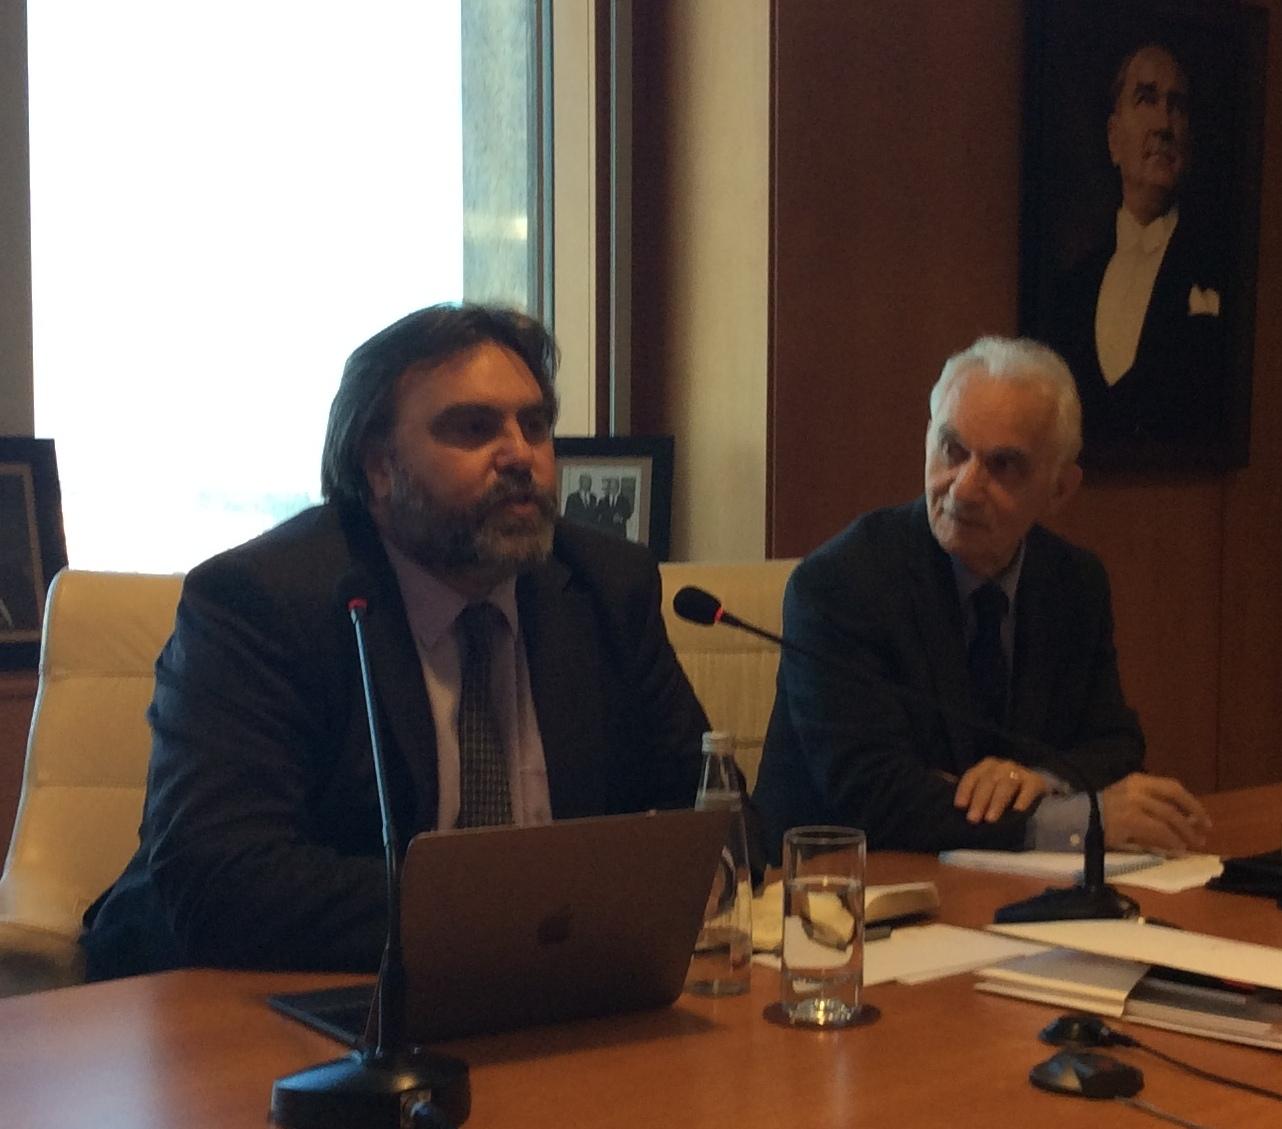 International Policy Araştırma Direktörü ve Direktör Yardımcısı Anthony Bubalo ile Yuvarlak Masa Toplantısı (http://www.gif.org.tr/events)